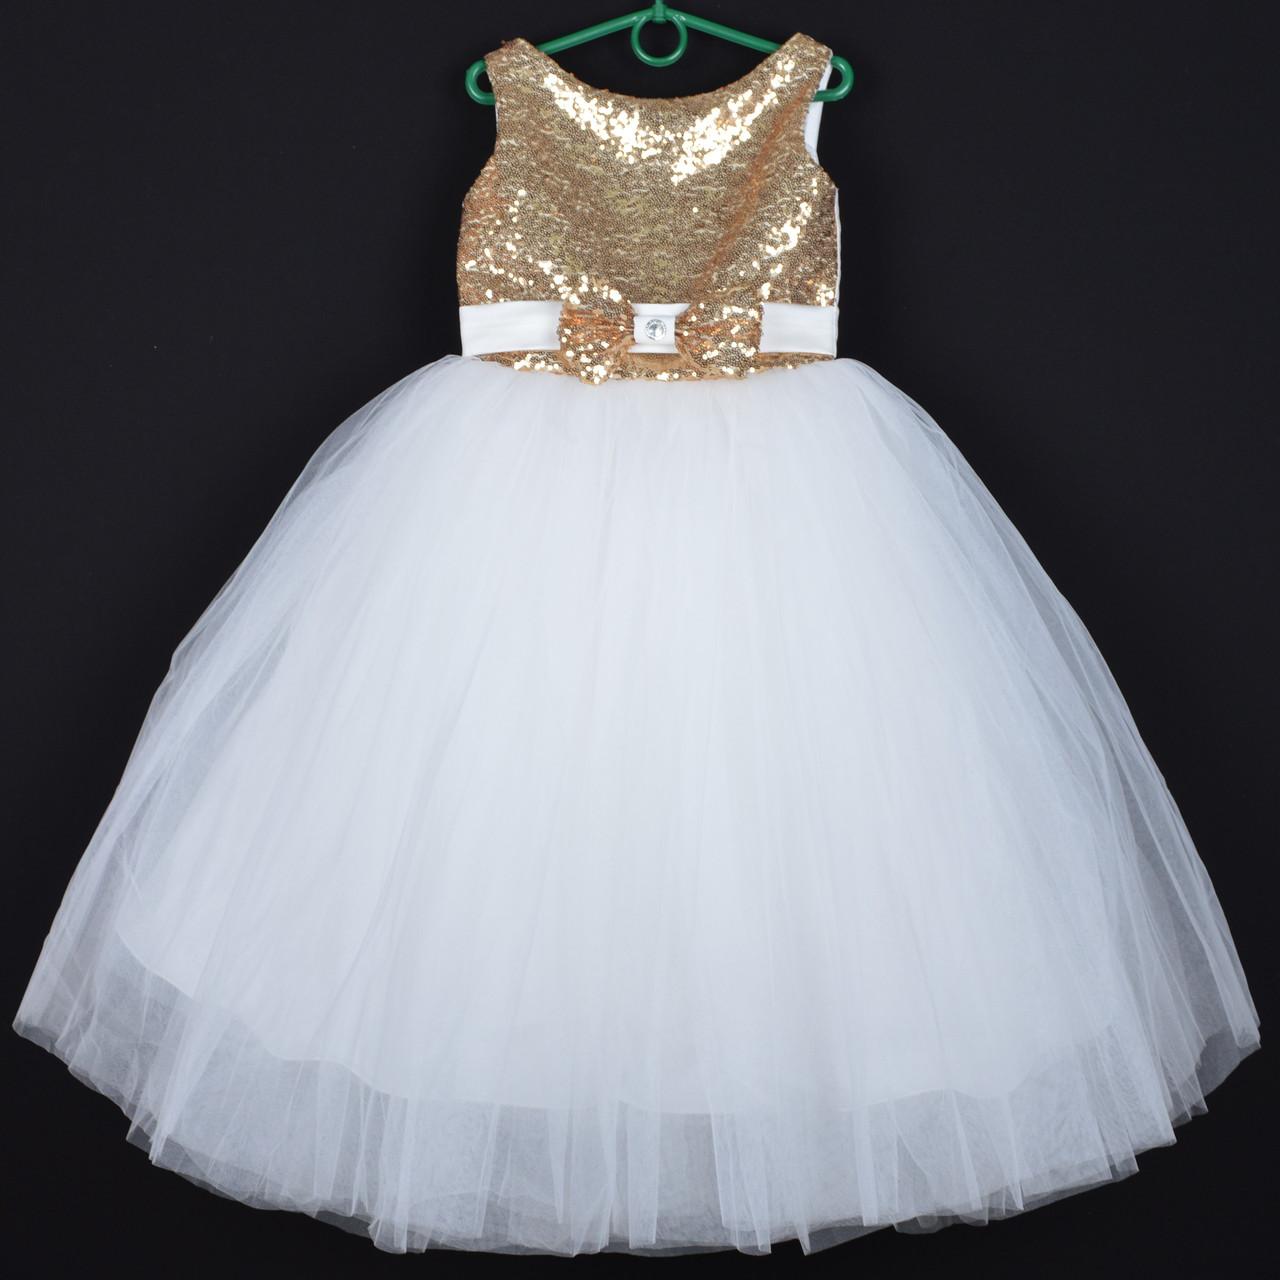 """Платье нарядное детское """"Зарина"""" с пайетками. 7-8 лет. Молочное с золотом. Оптом и в розницу"""